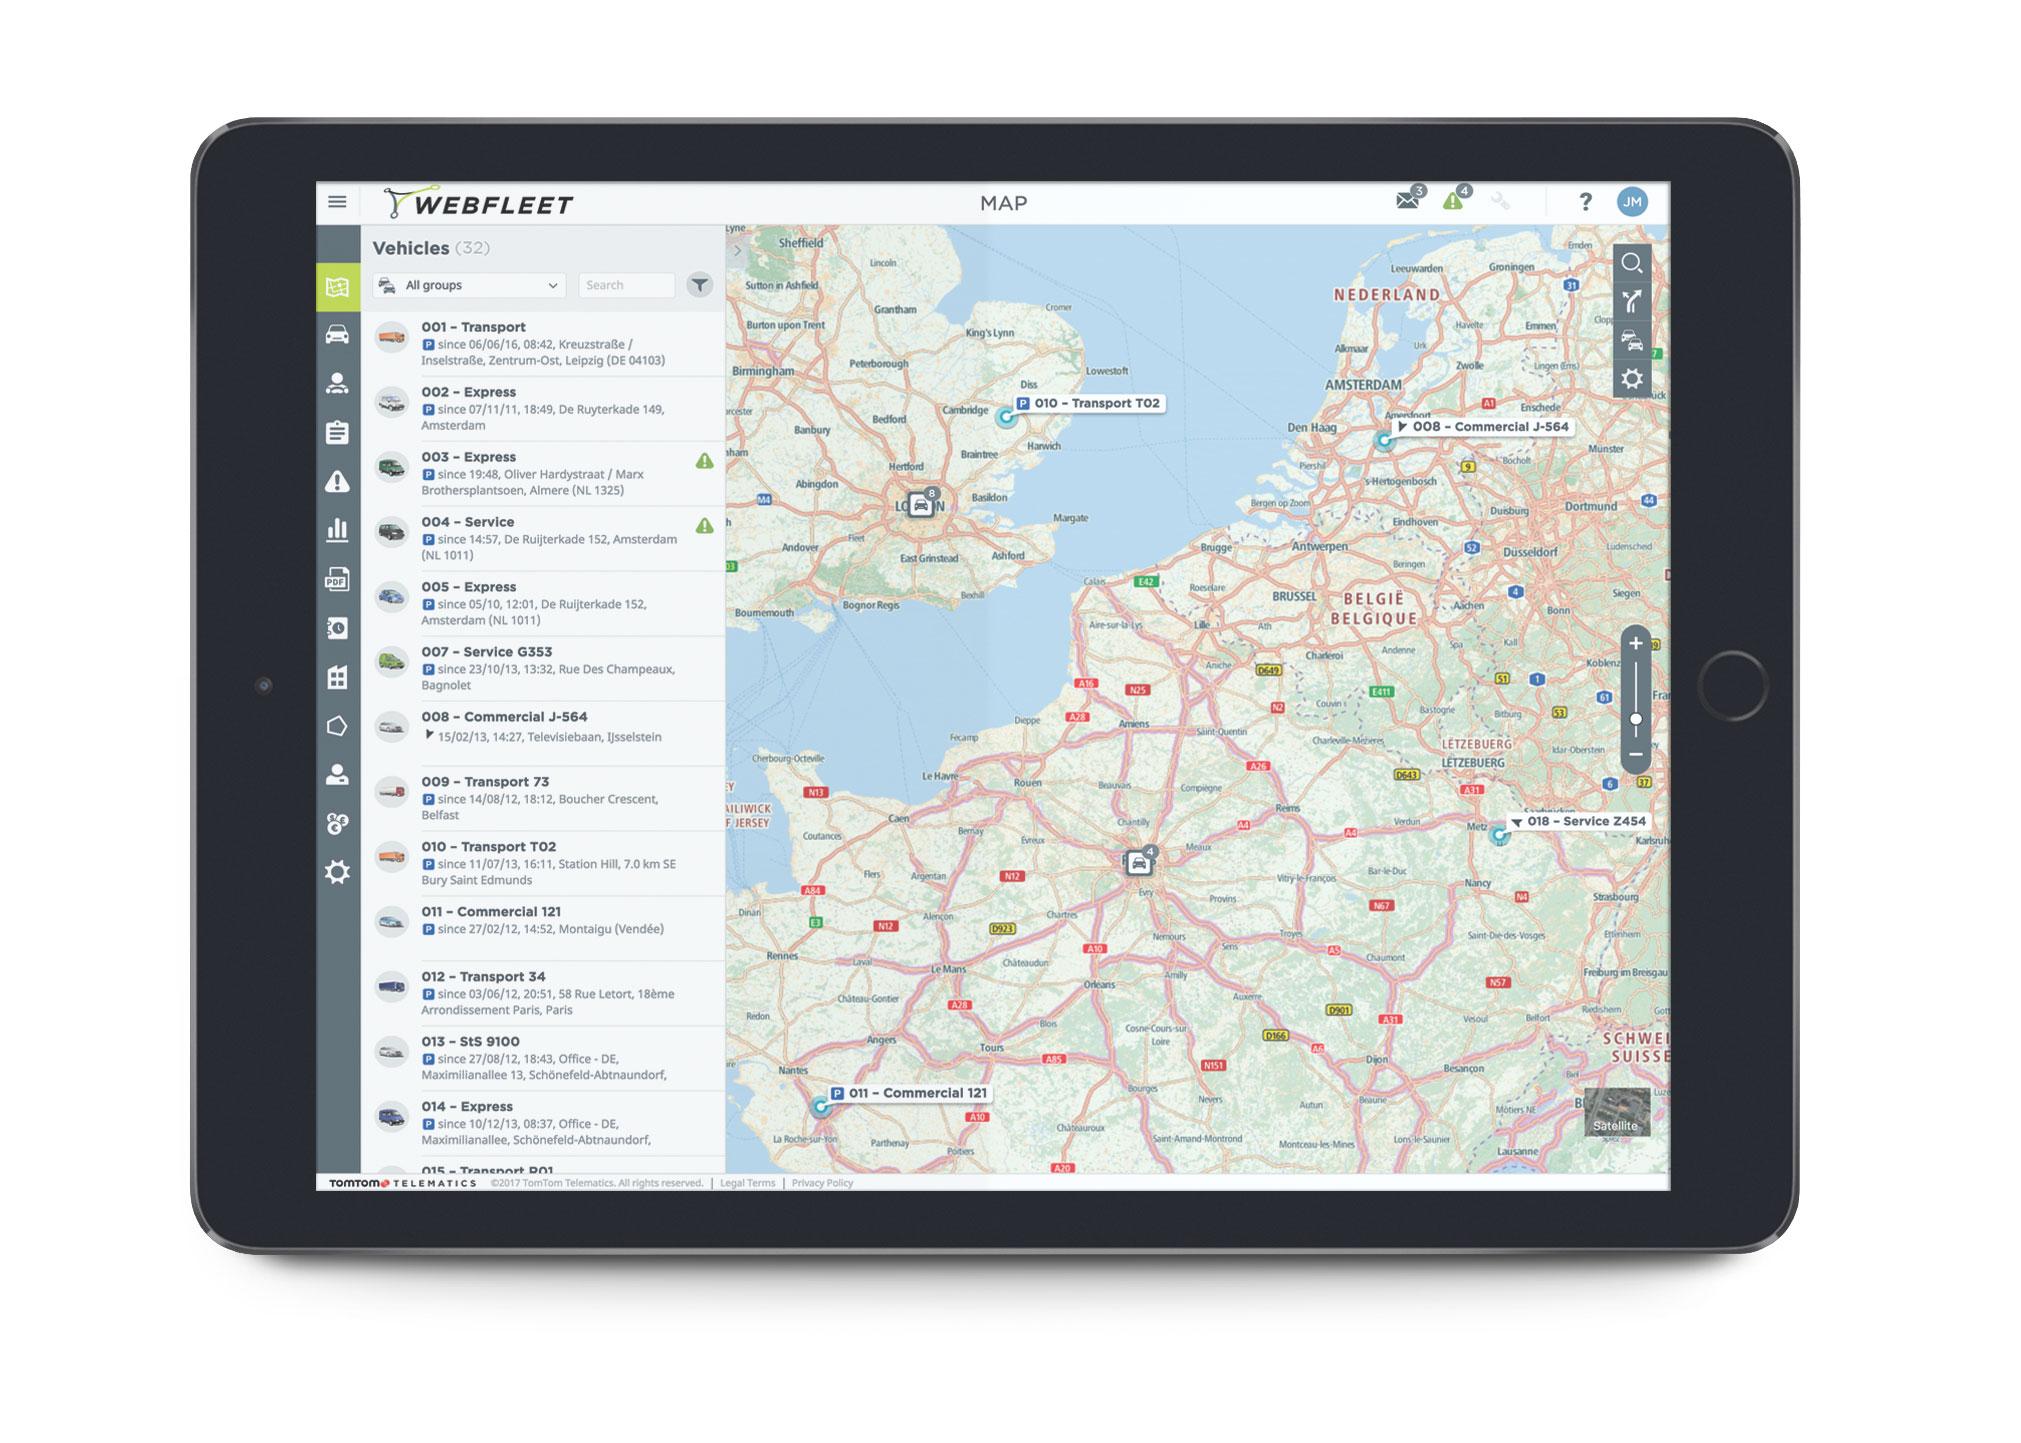 Das webfleet Tap - Die EU Map